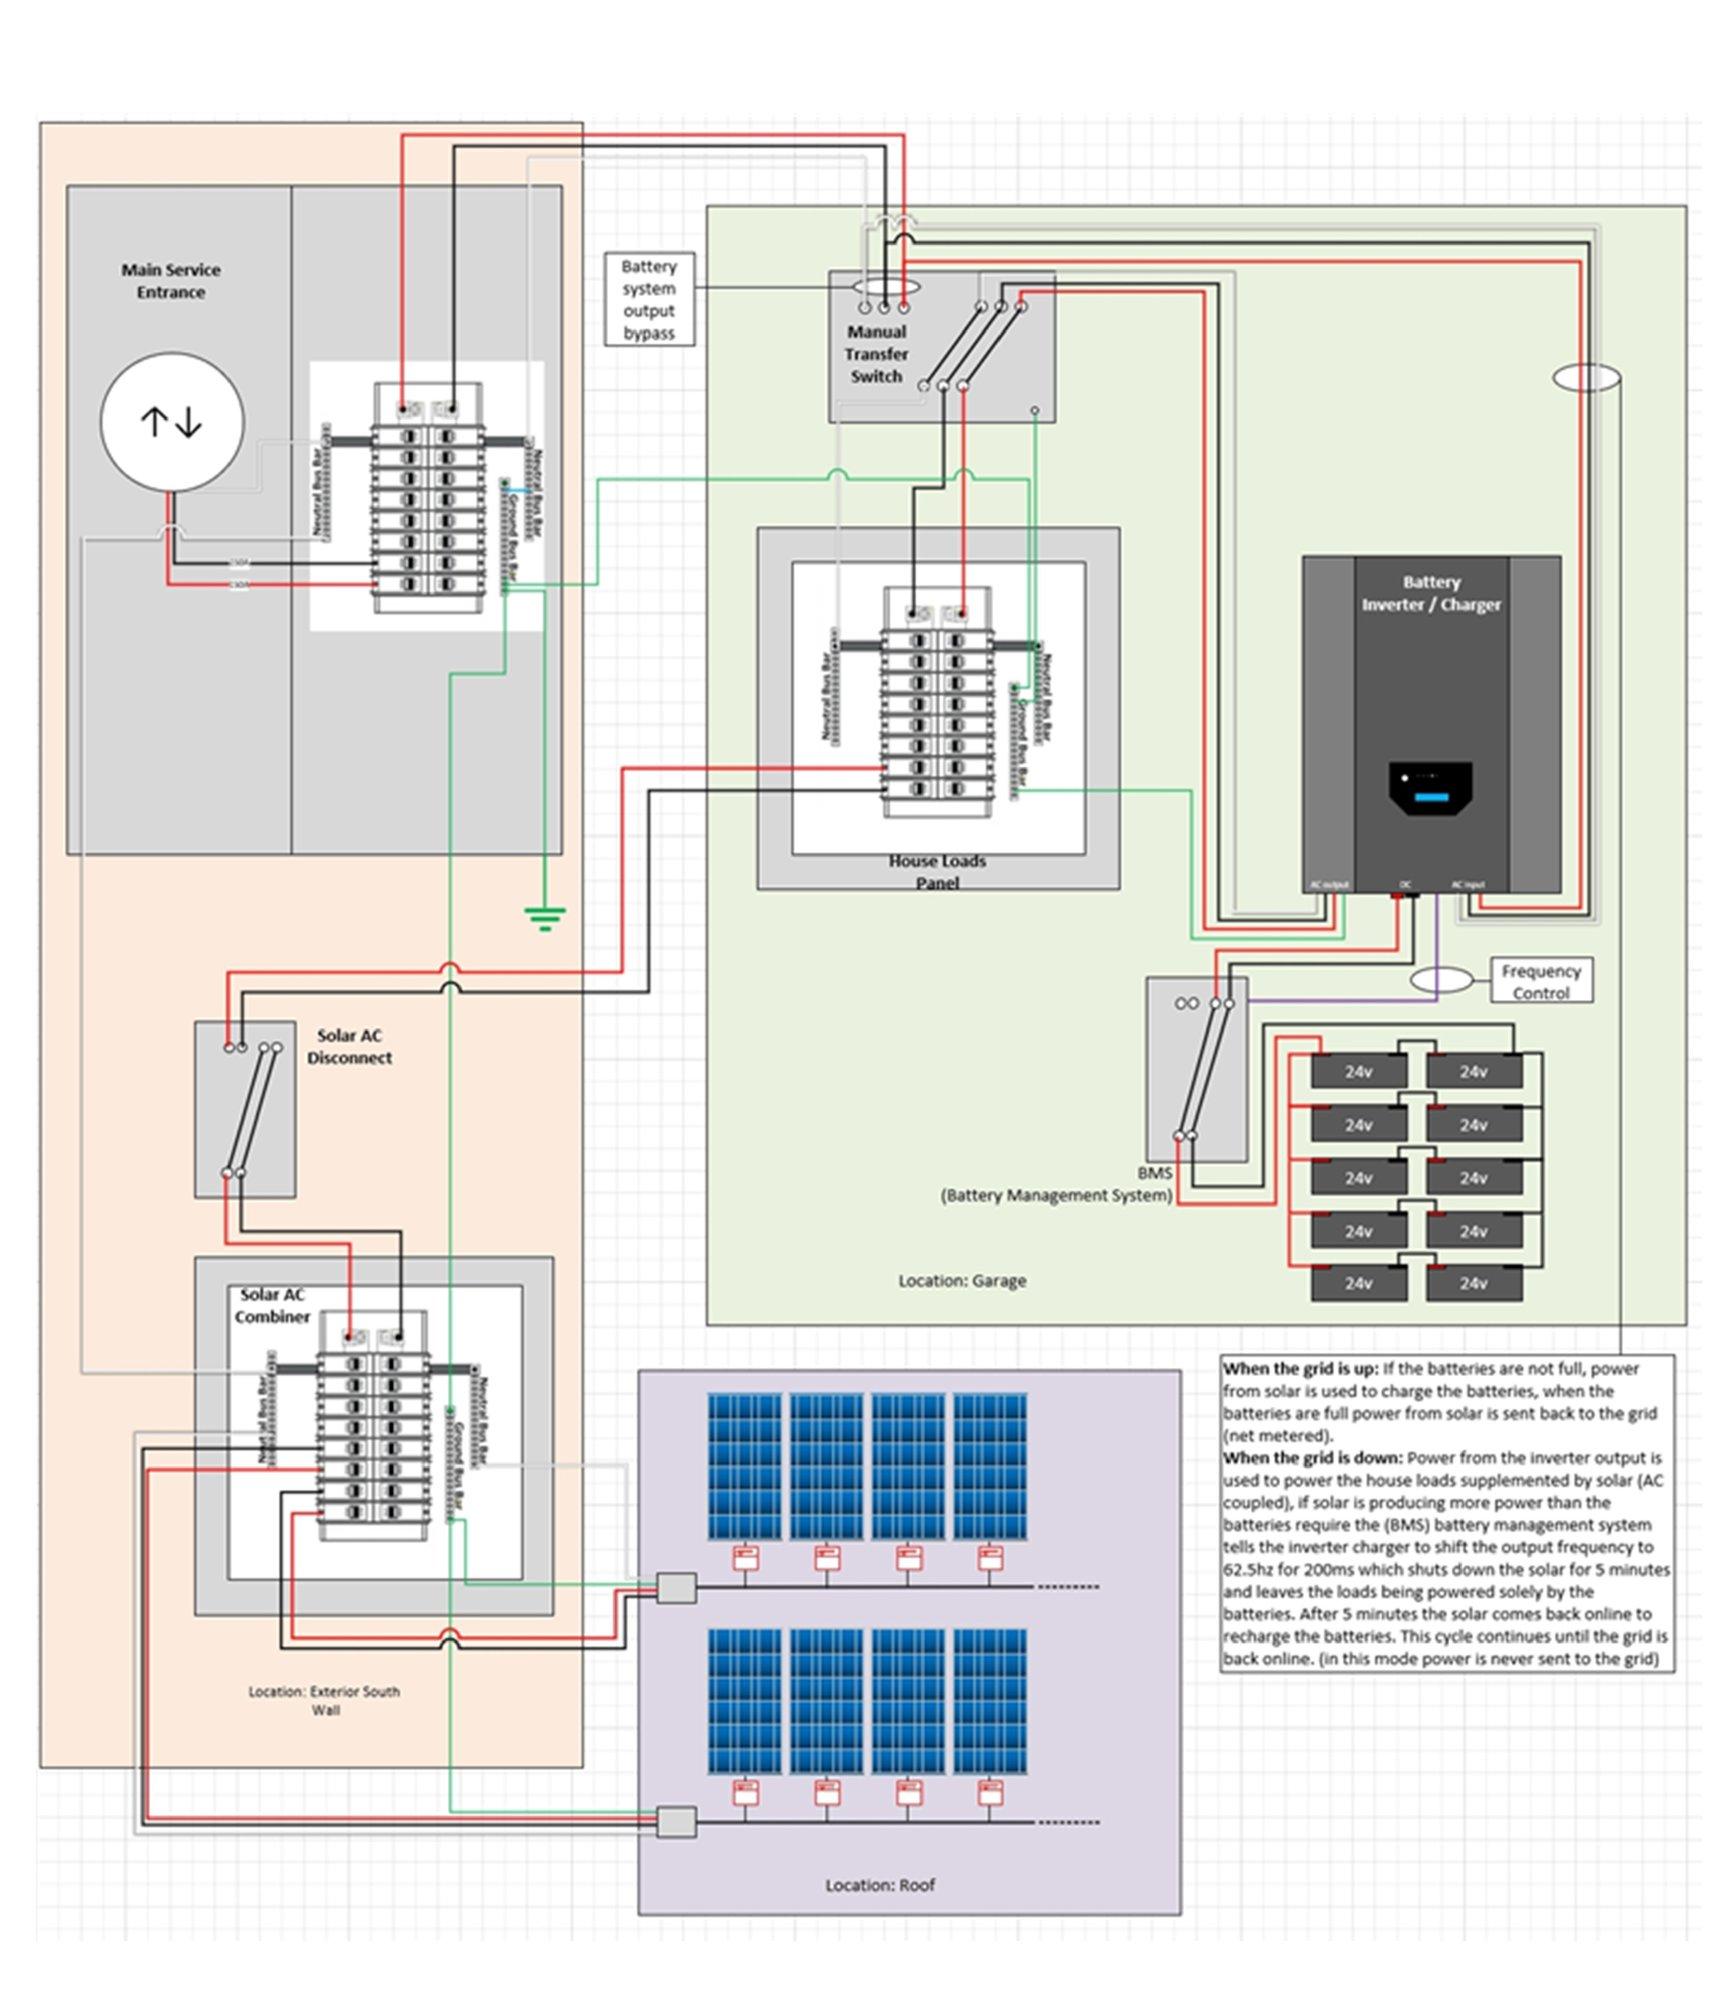 LPG PW2 diagram.jpg